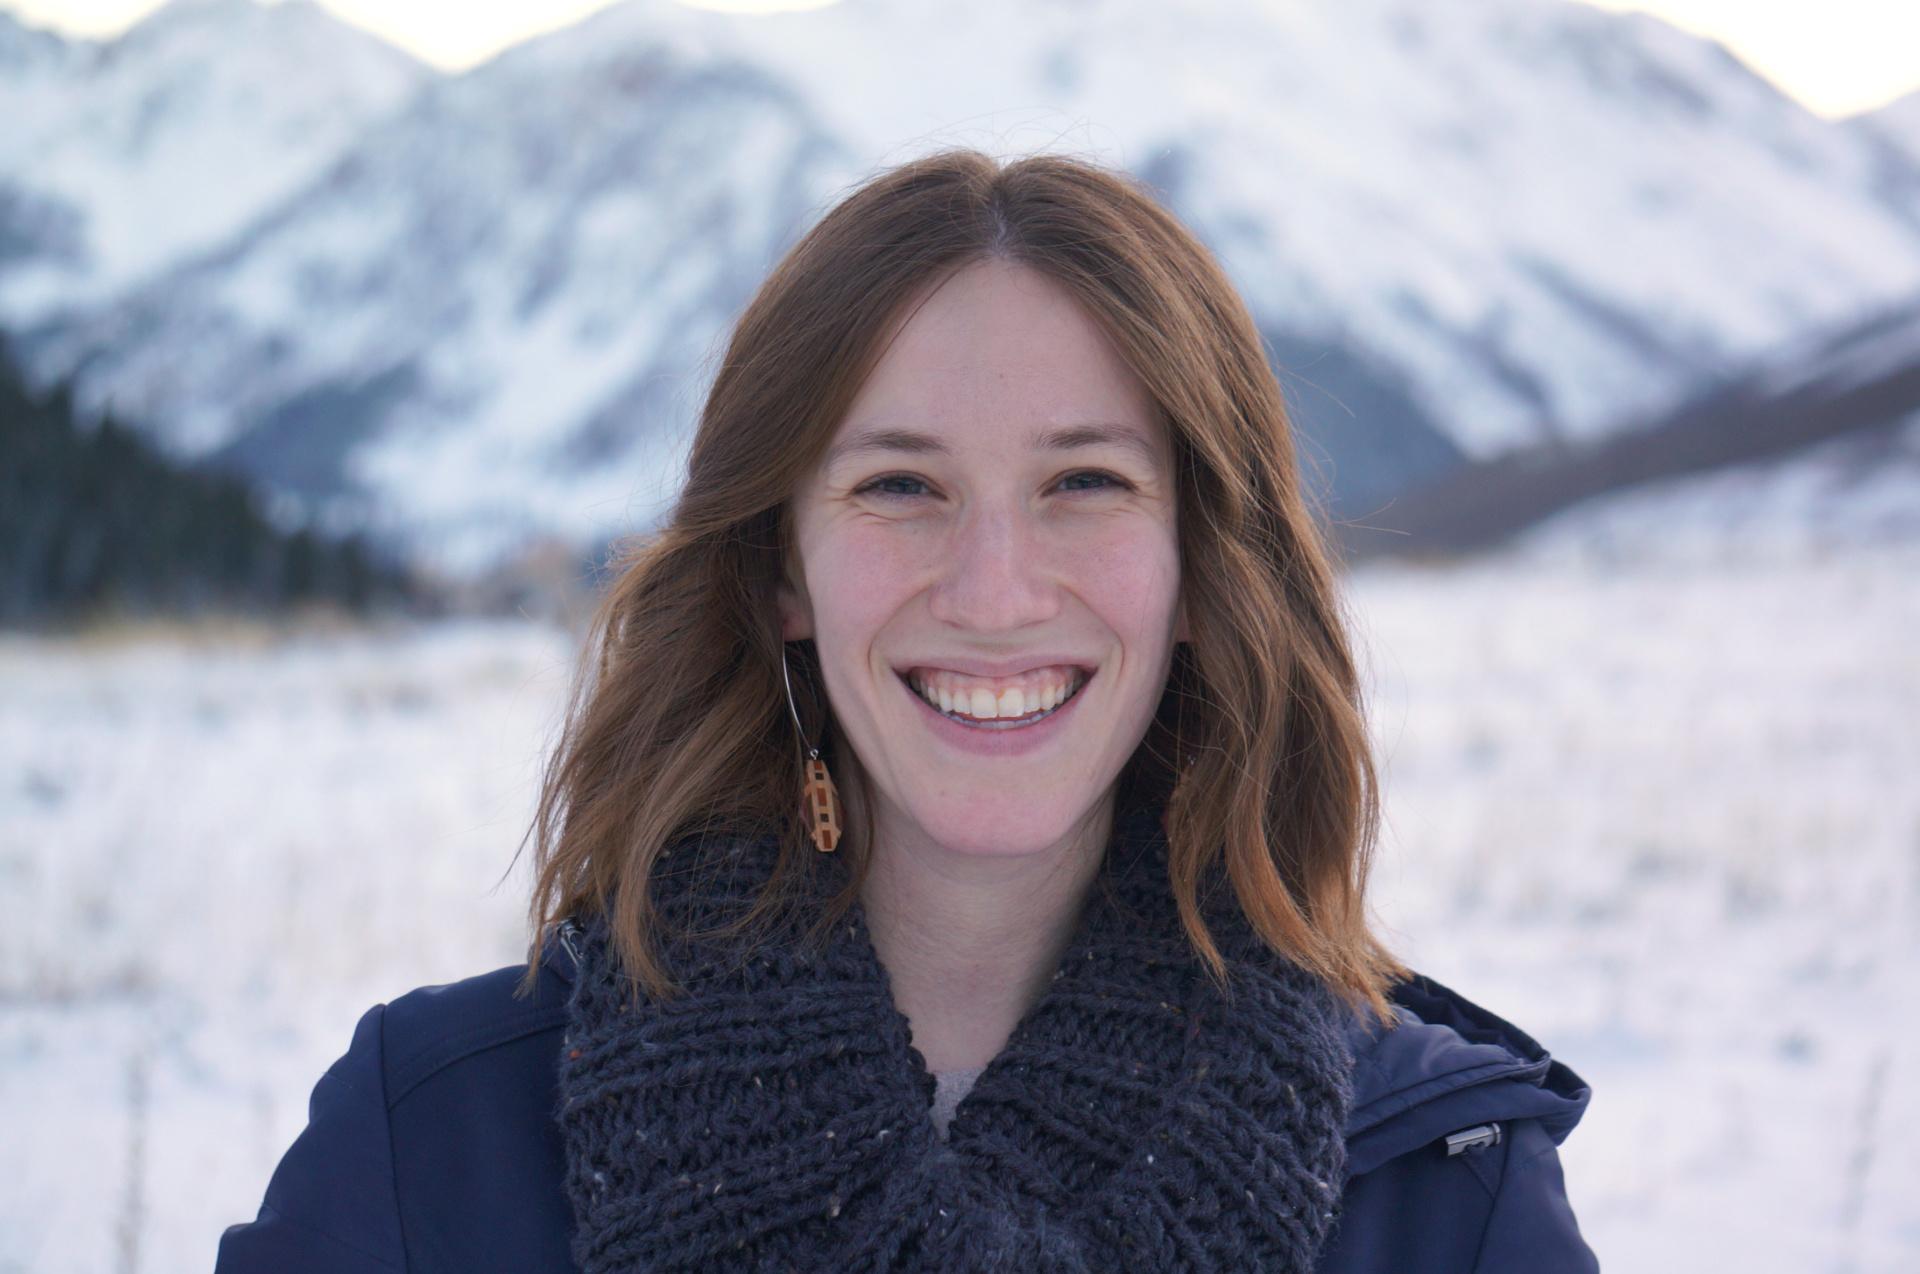 Emily Rubenstein